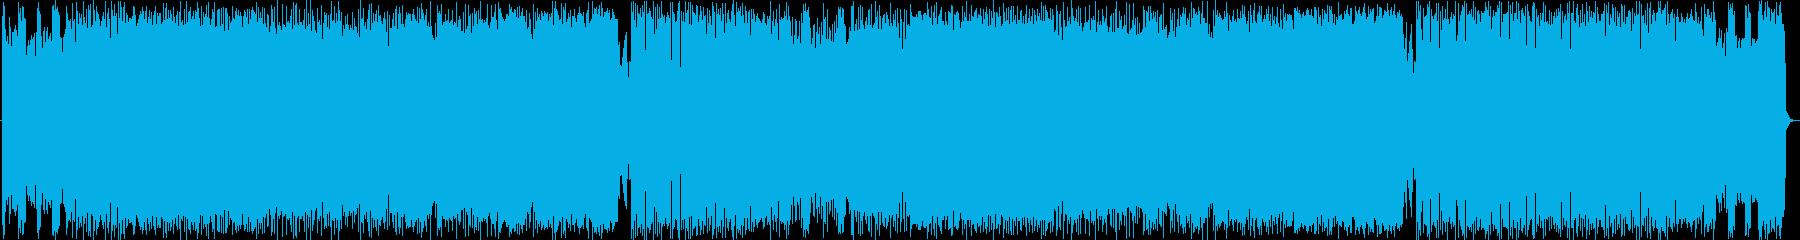 激情ハードロック,エレキギター,重低音の再生済みの波形